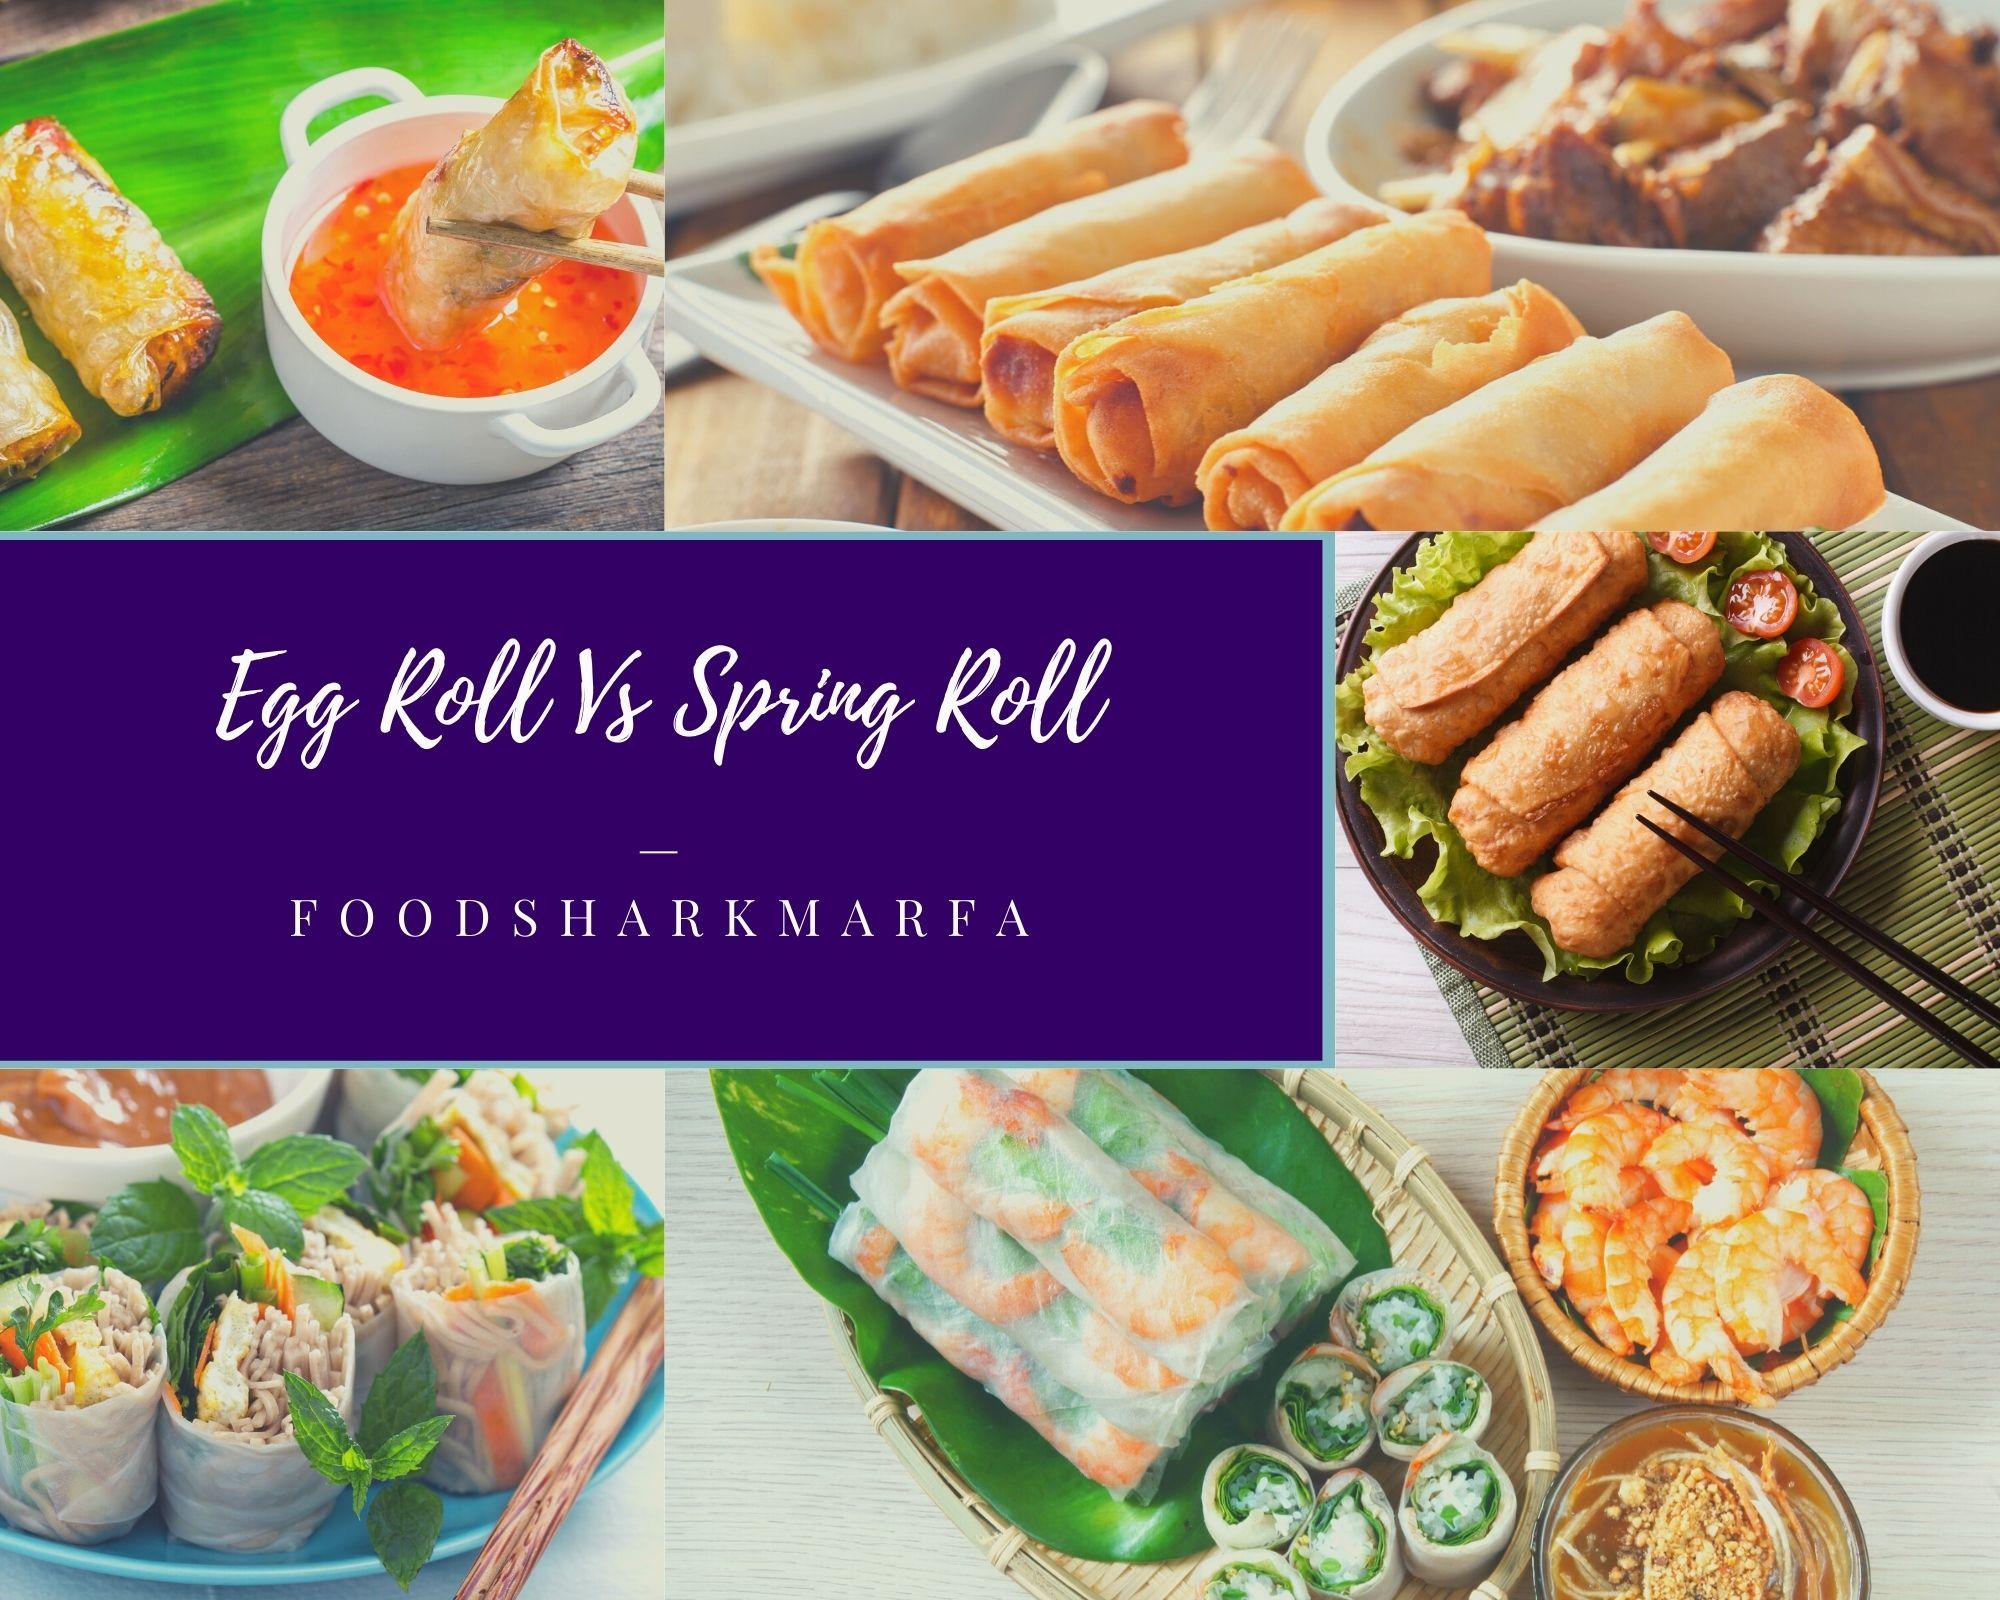 Egg Roll Vs Spring Roll